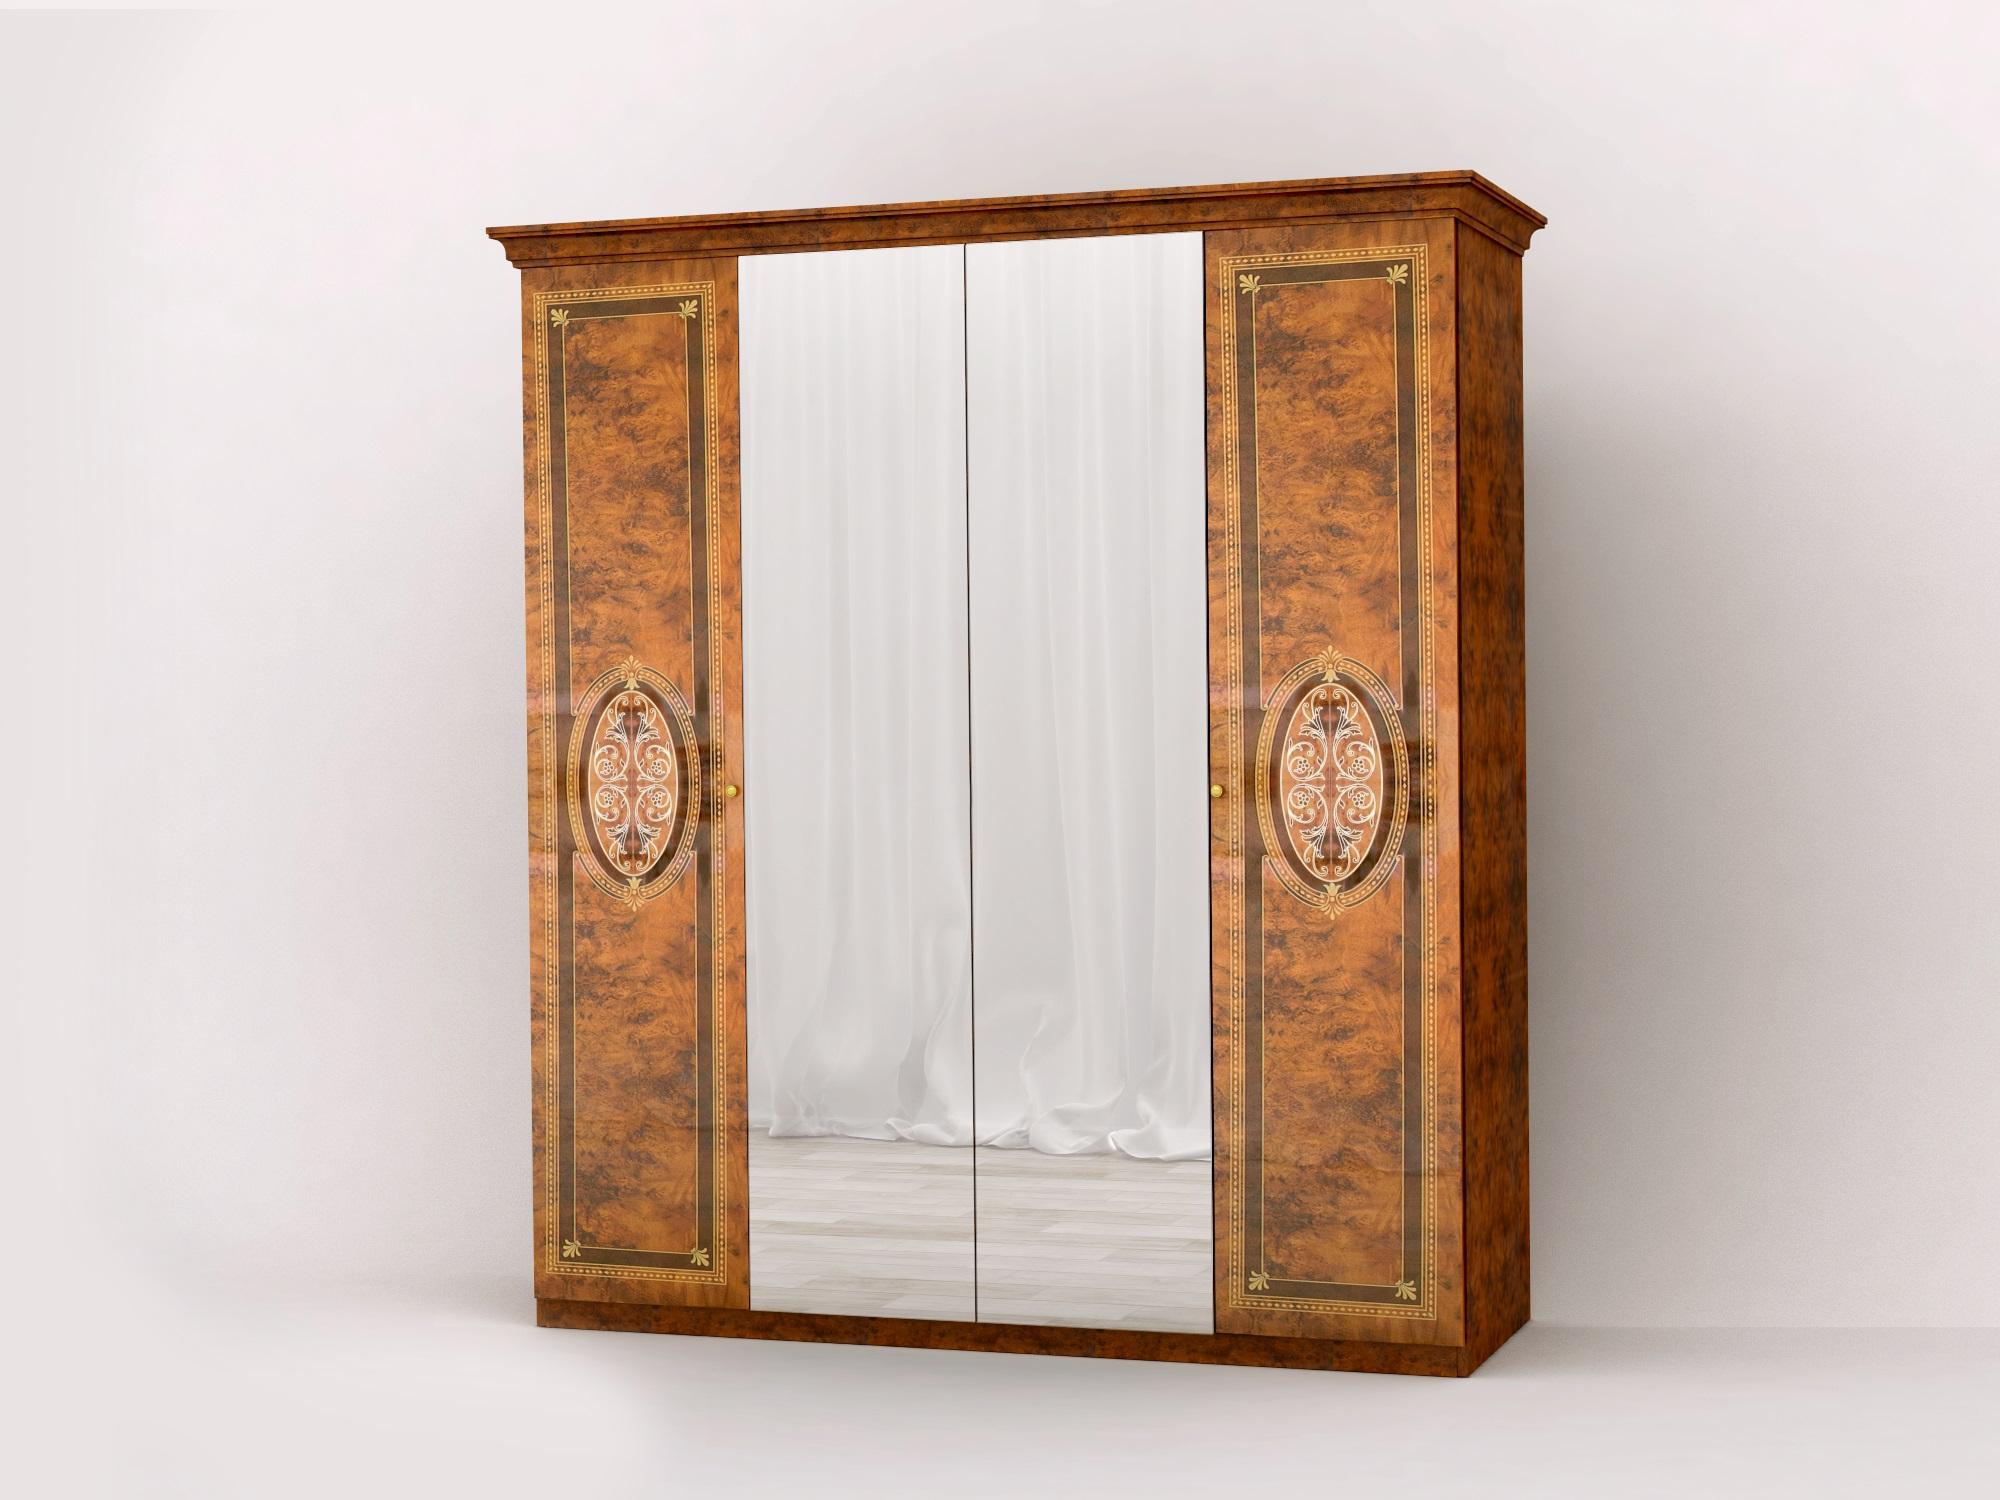 schlafzimmer lana beige klassischer stil bett 160x200 schrank 6 id set6. Black Bedroom Furniture Sets. Home Design Ideas